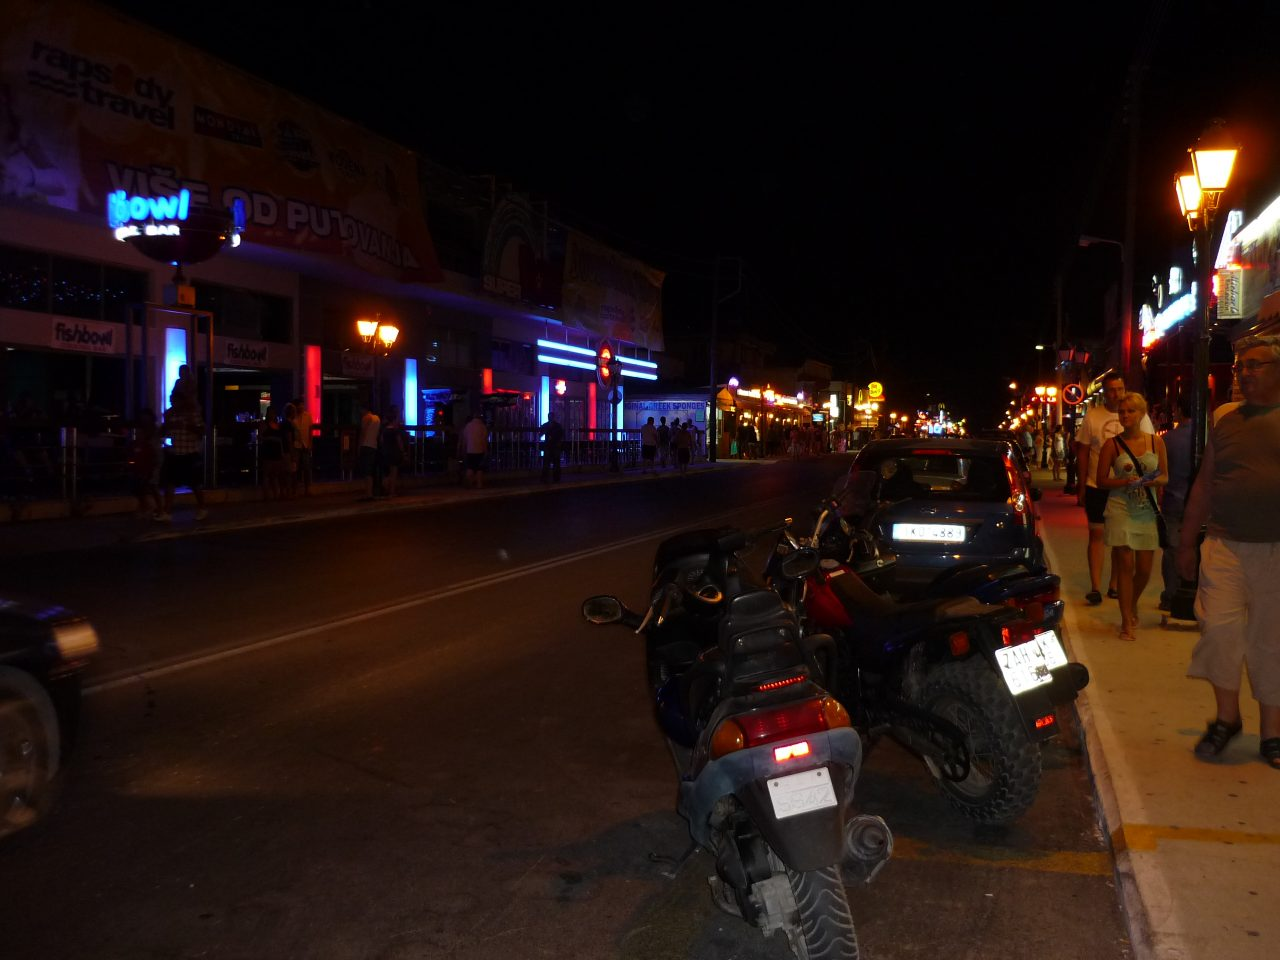 Éjszakai élet Laganasban